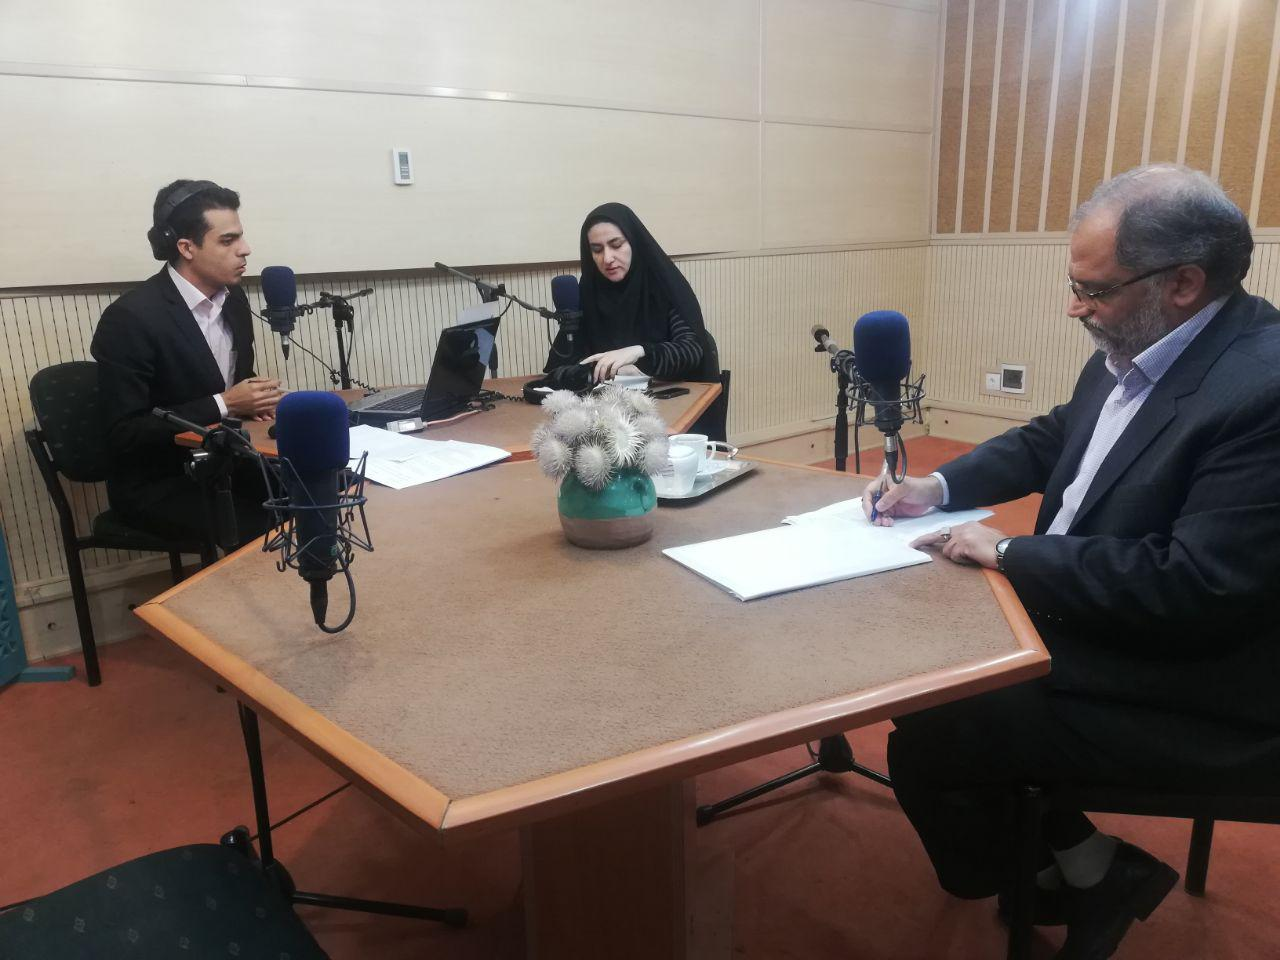 دعوت رسانه ملی از مسئولان برای پاسخگویی به مردم